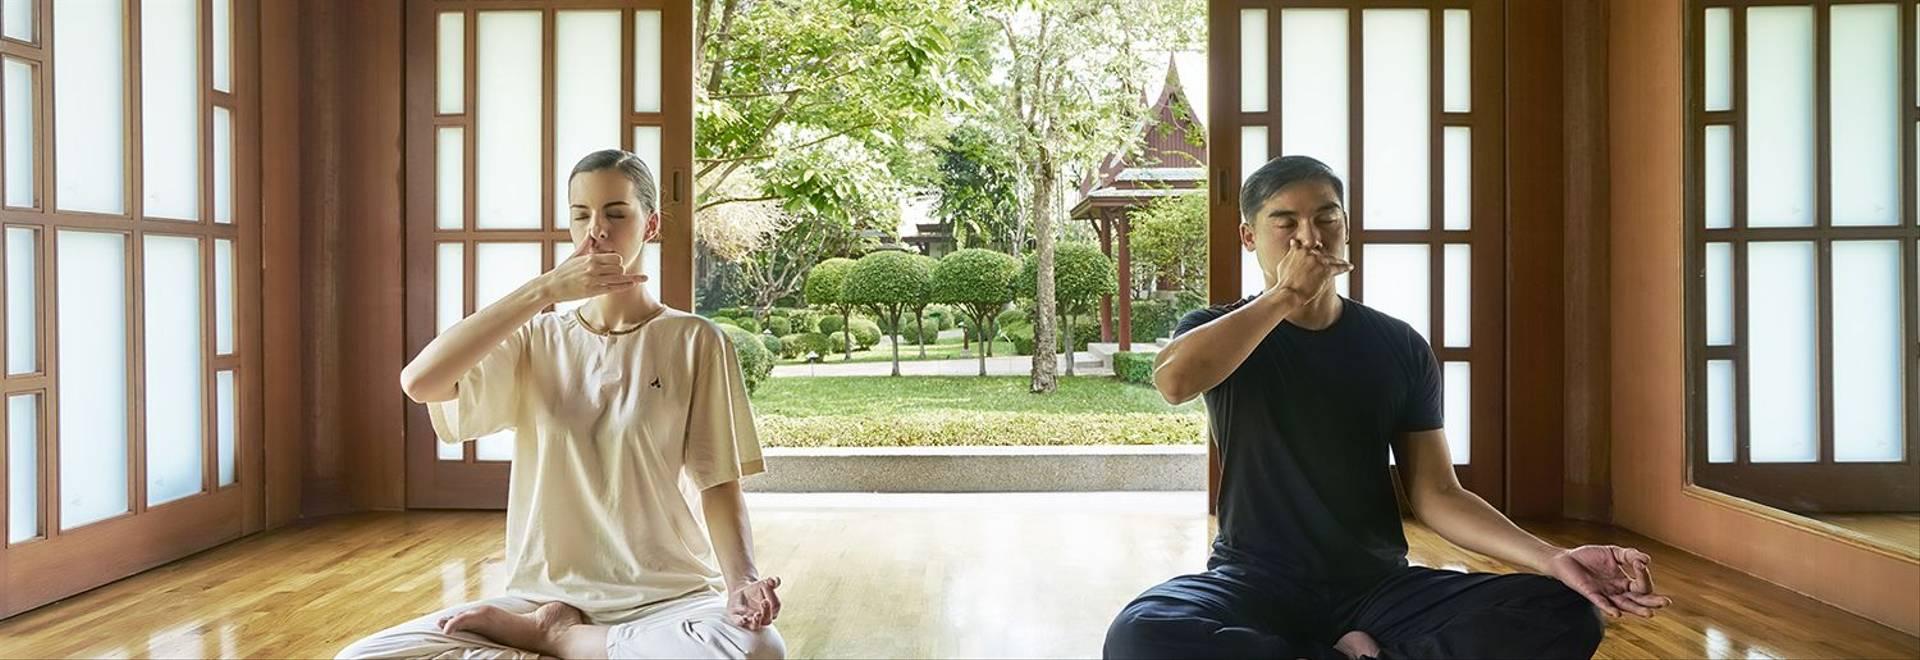 Chiva Som Yoga Pranayama